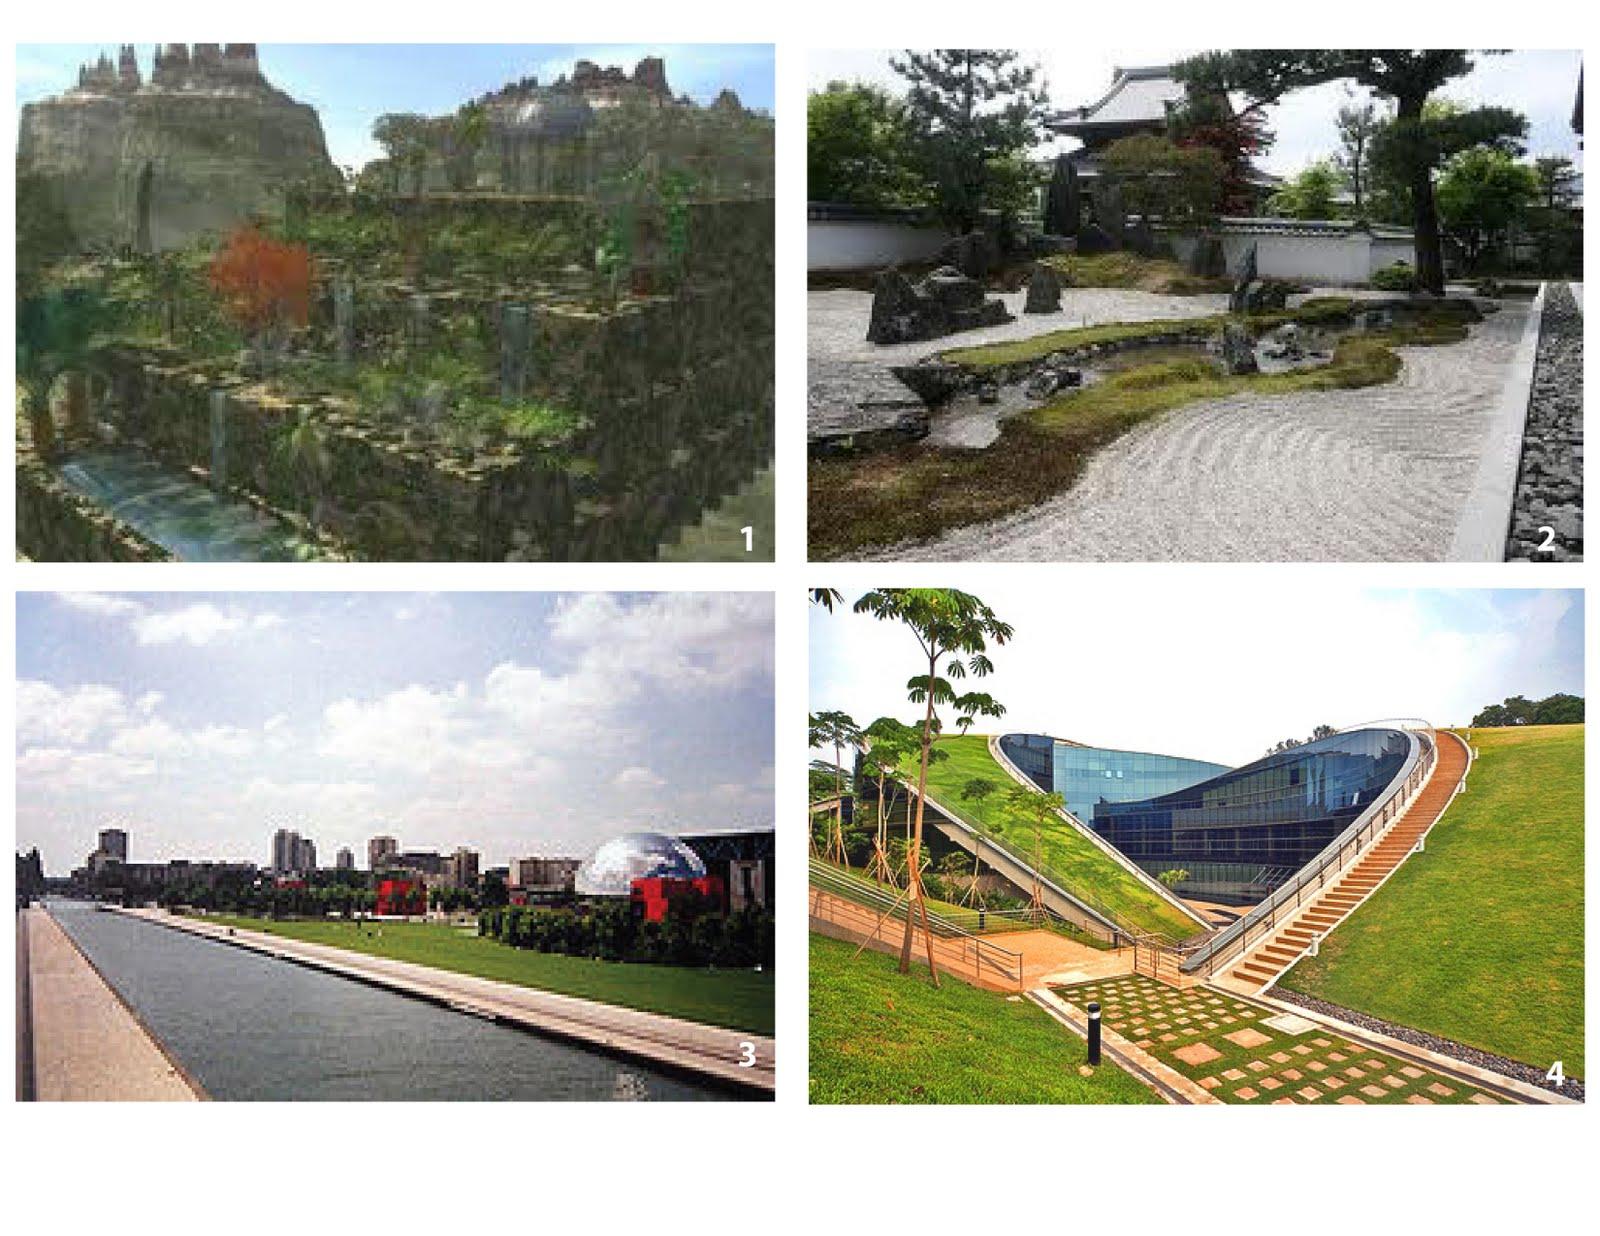 Paisaje y arquitectura arquitectura del paisaje for Arquitectura del paisaje